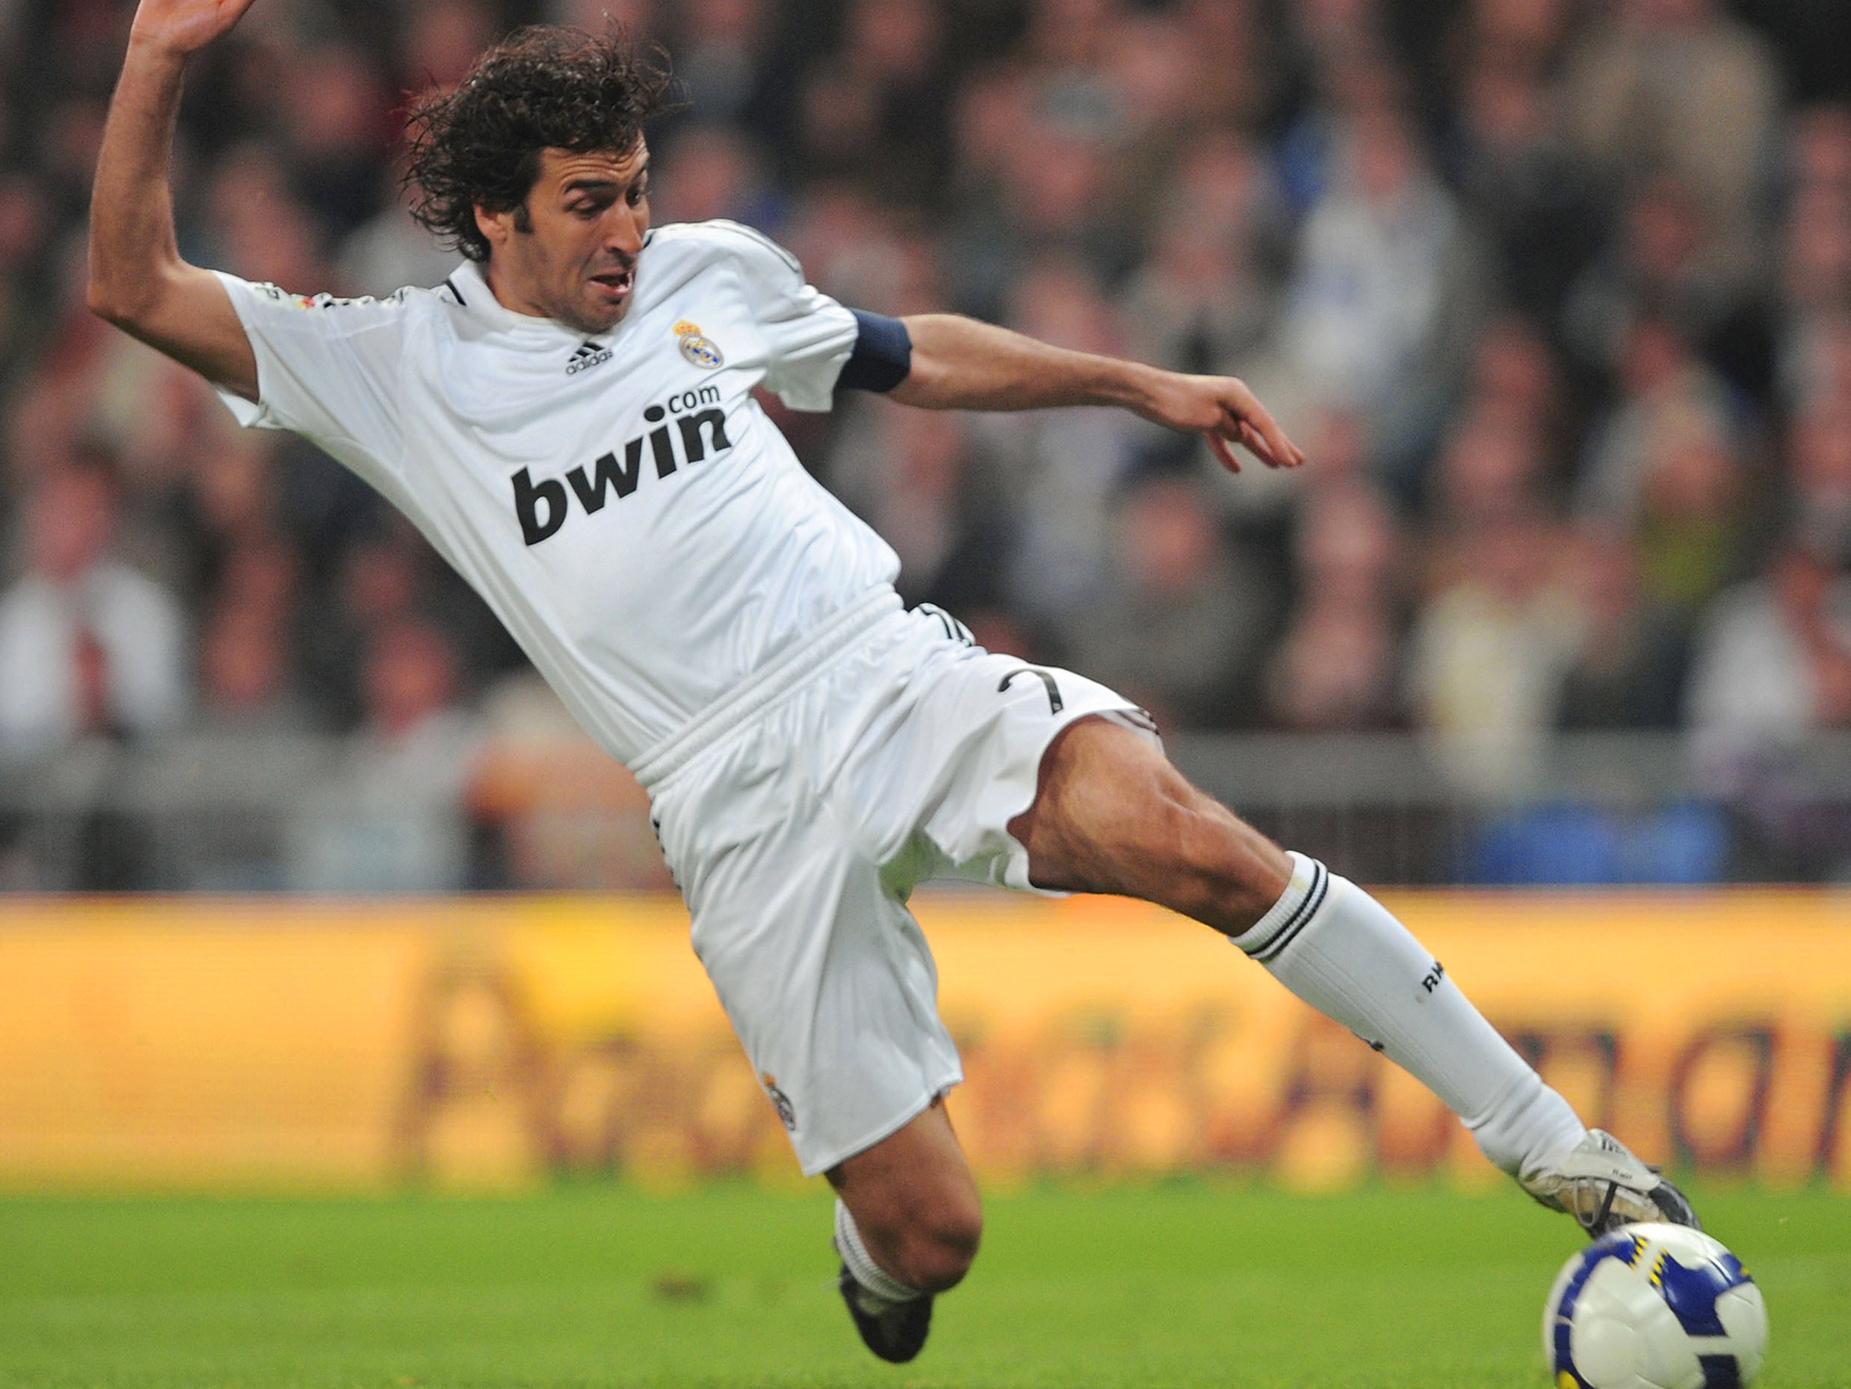 Ramos' Traineramt bei Real Madrid gilt keineswegs als sicher